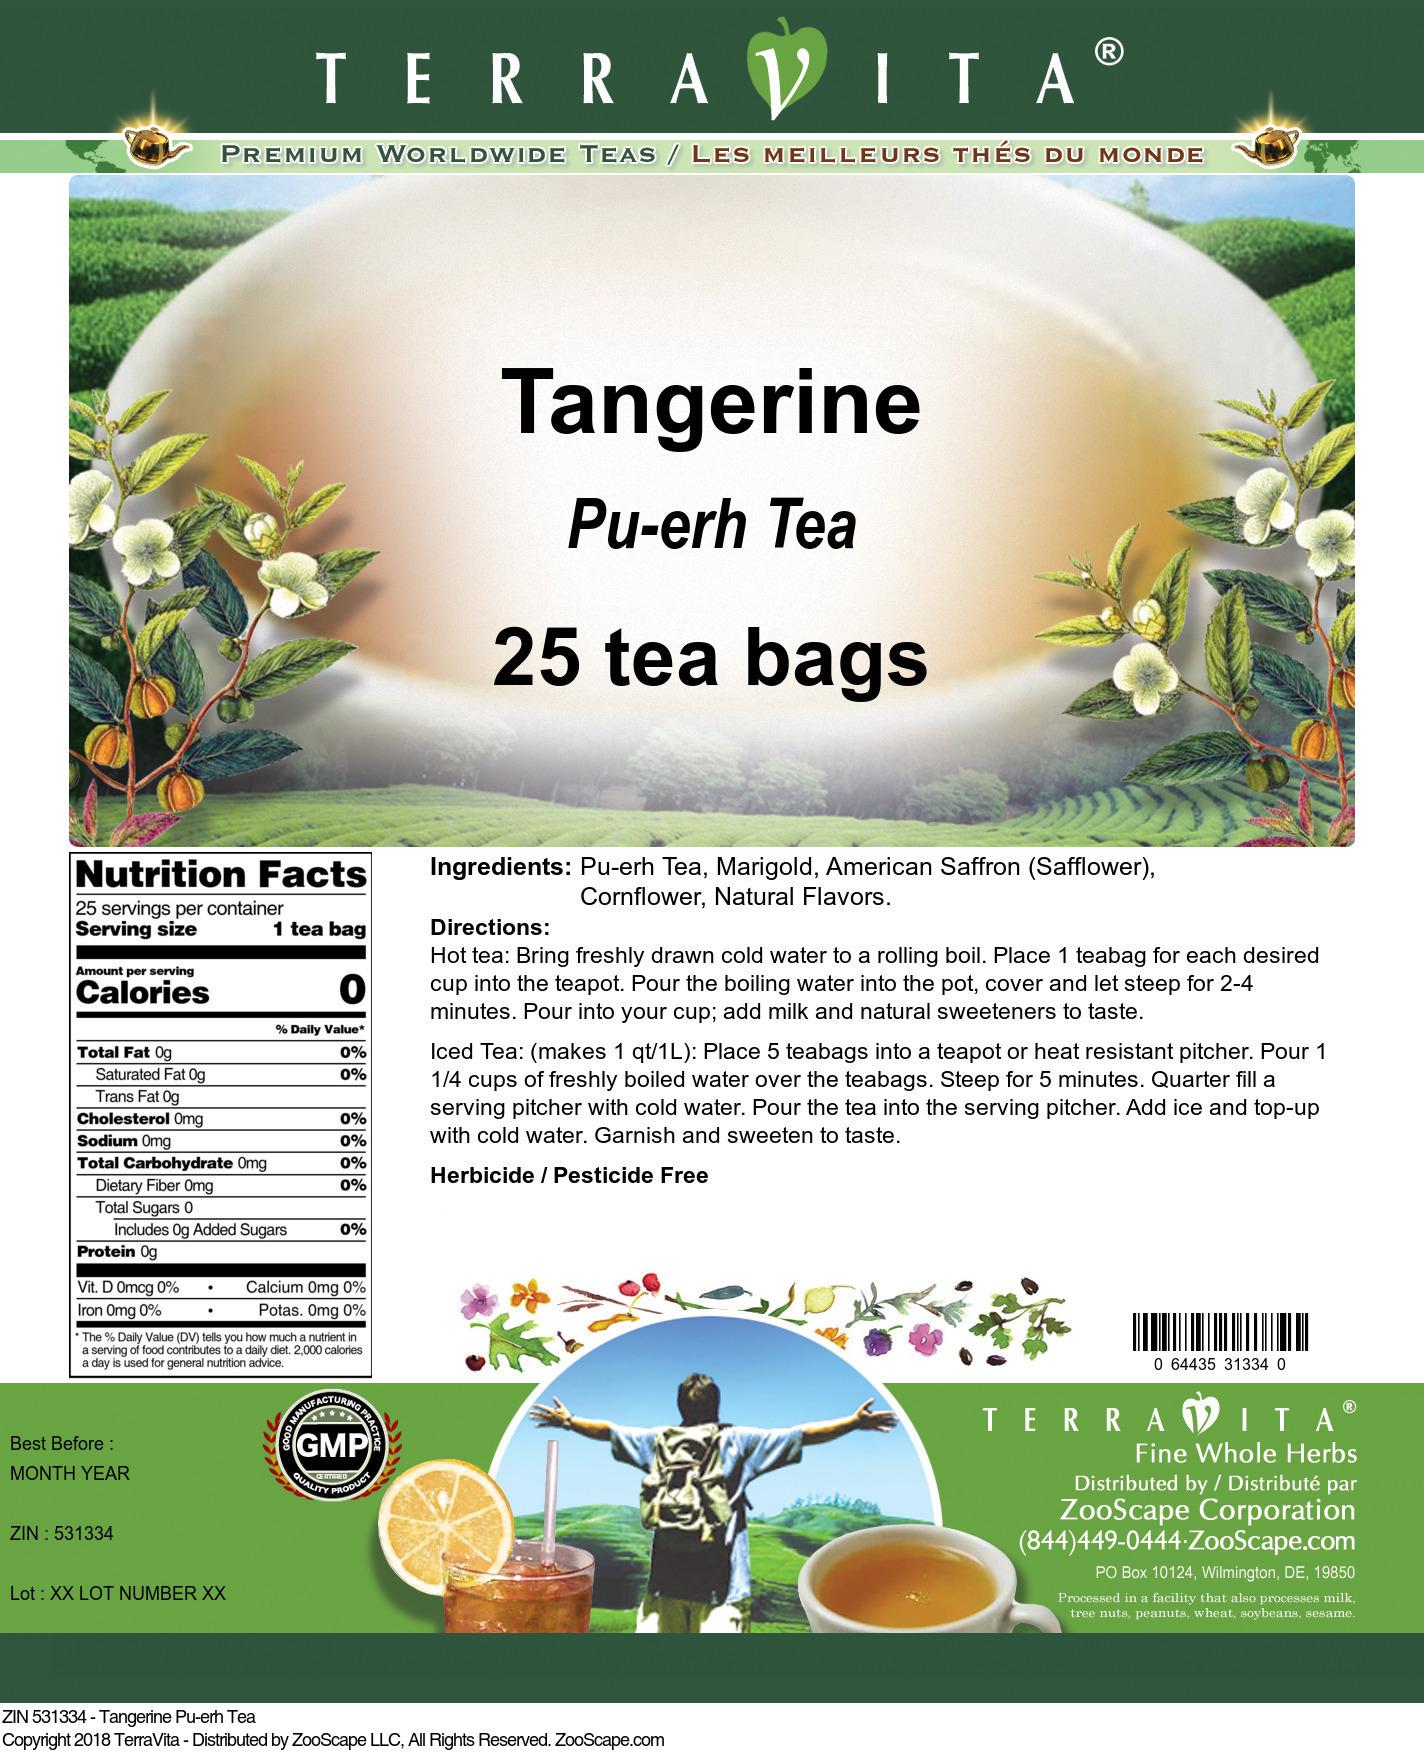 Tangerine Pu-erh Tea